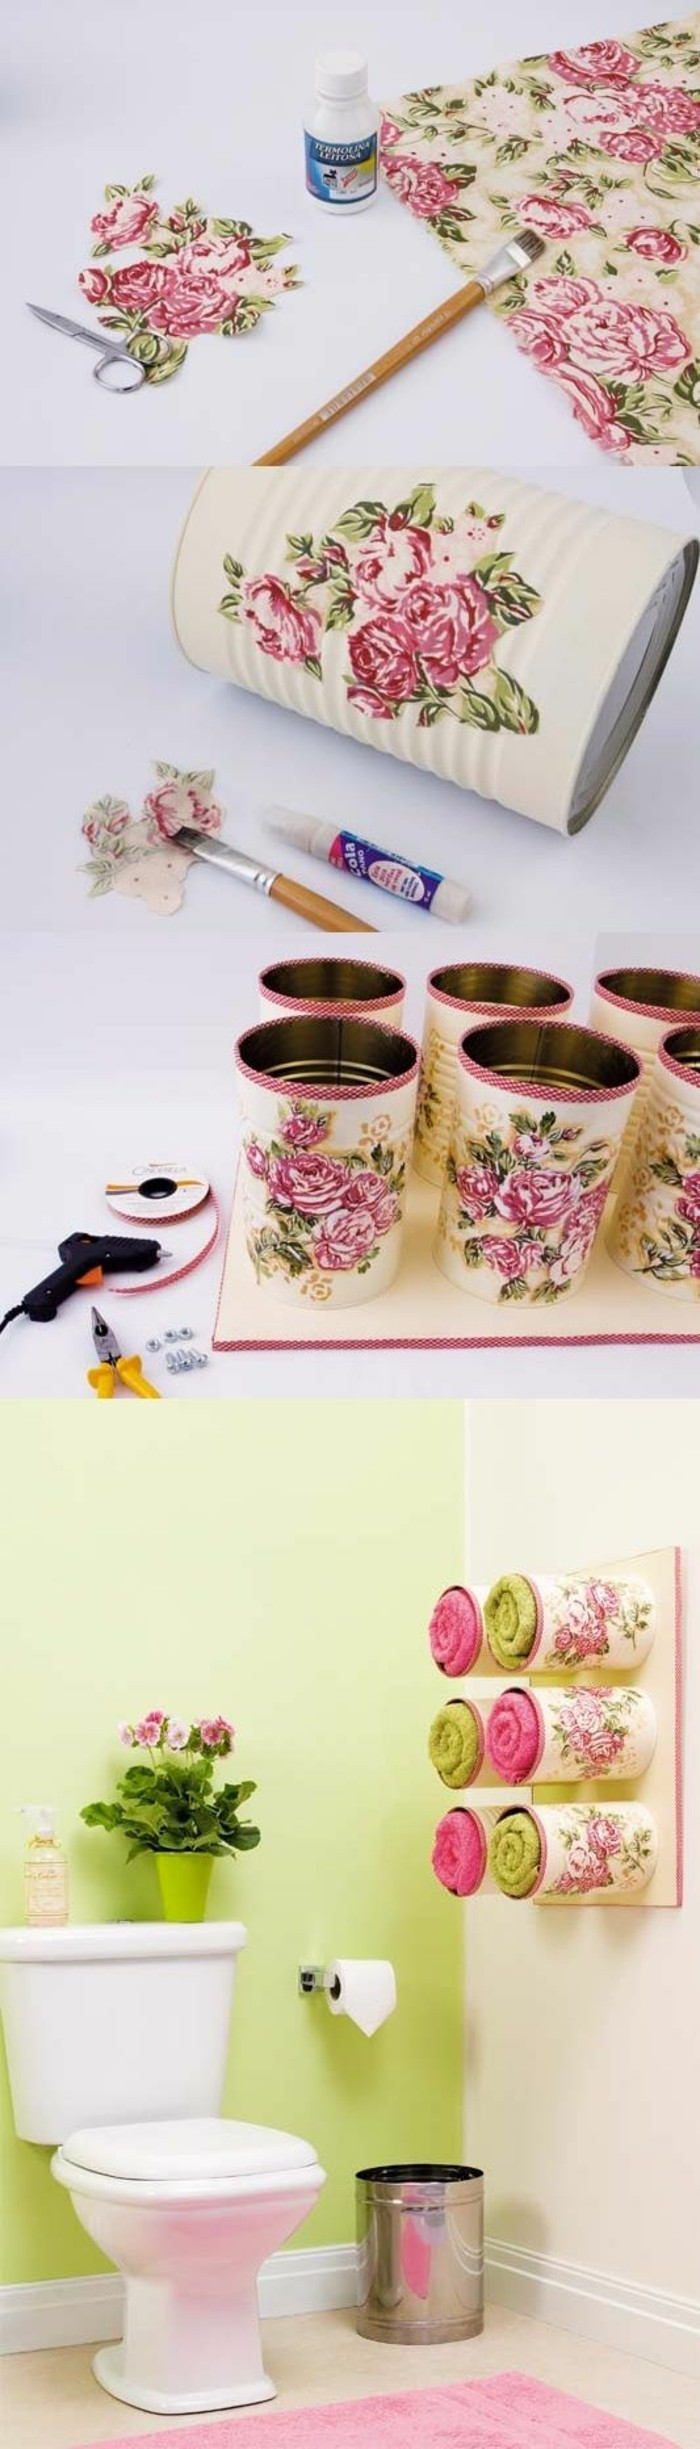 Comment Décorer Des Boites De Conserve bricolage avec boîtes de conserve : 61 idées fantastiques!